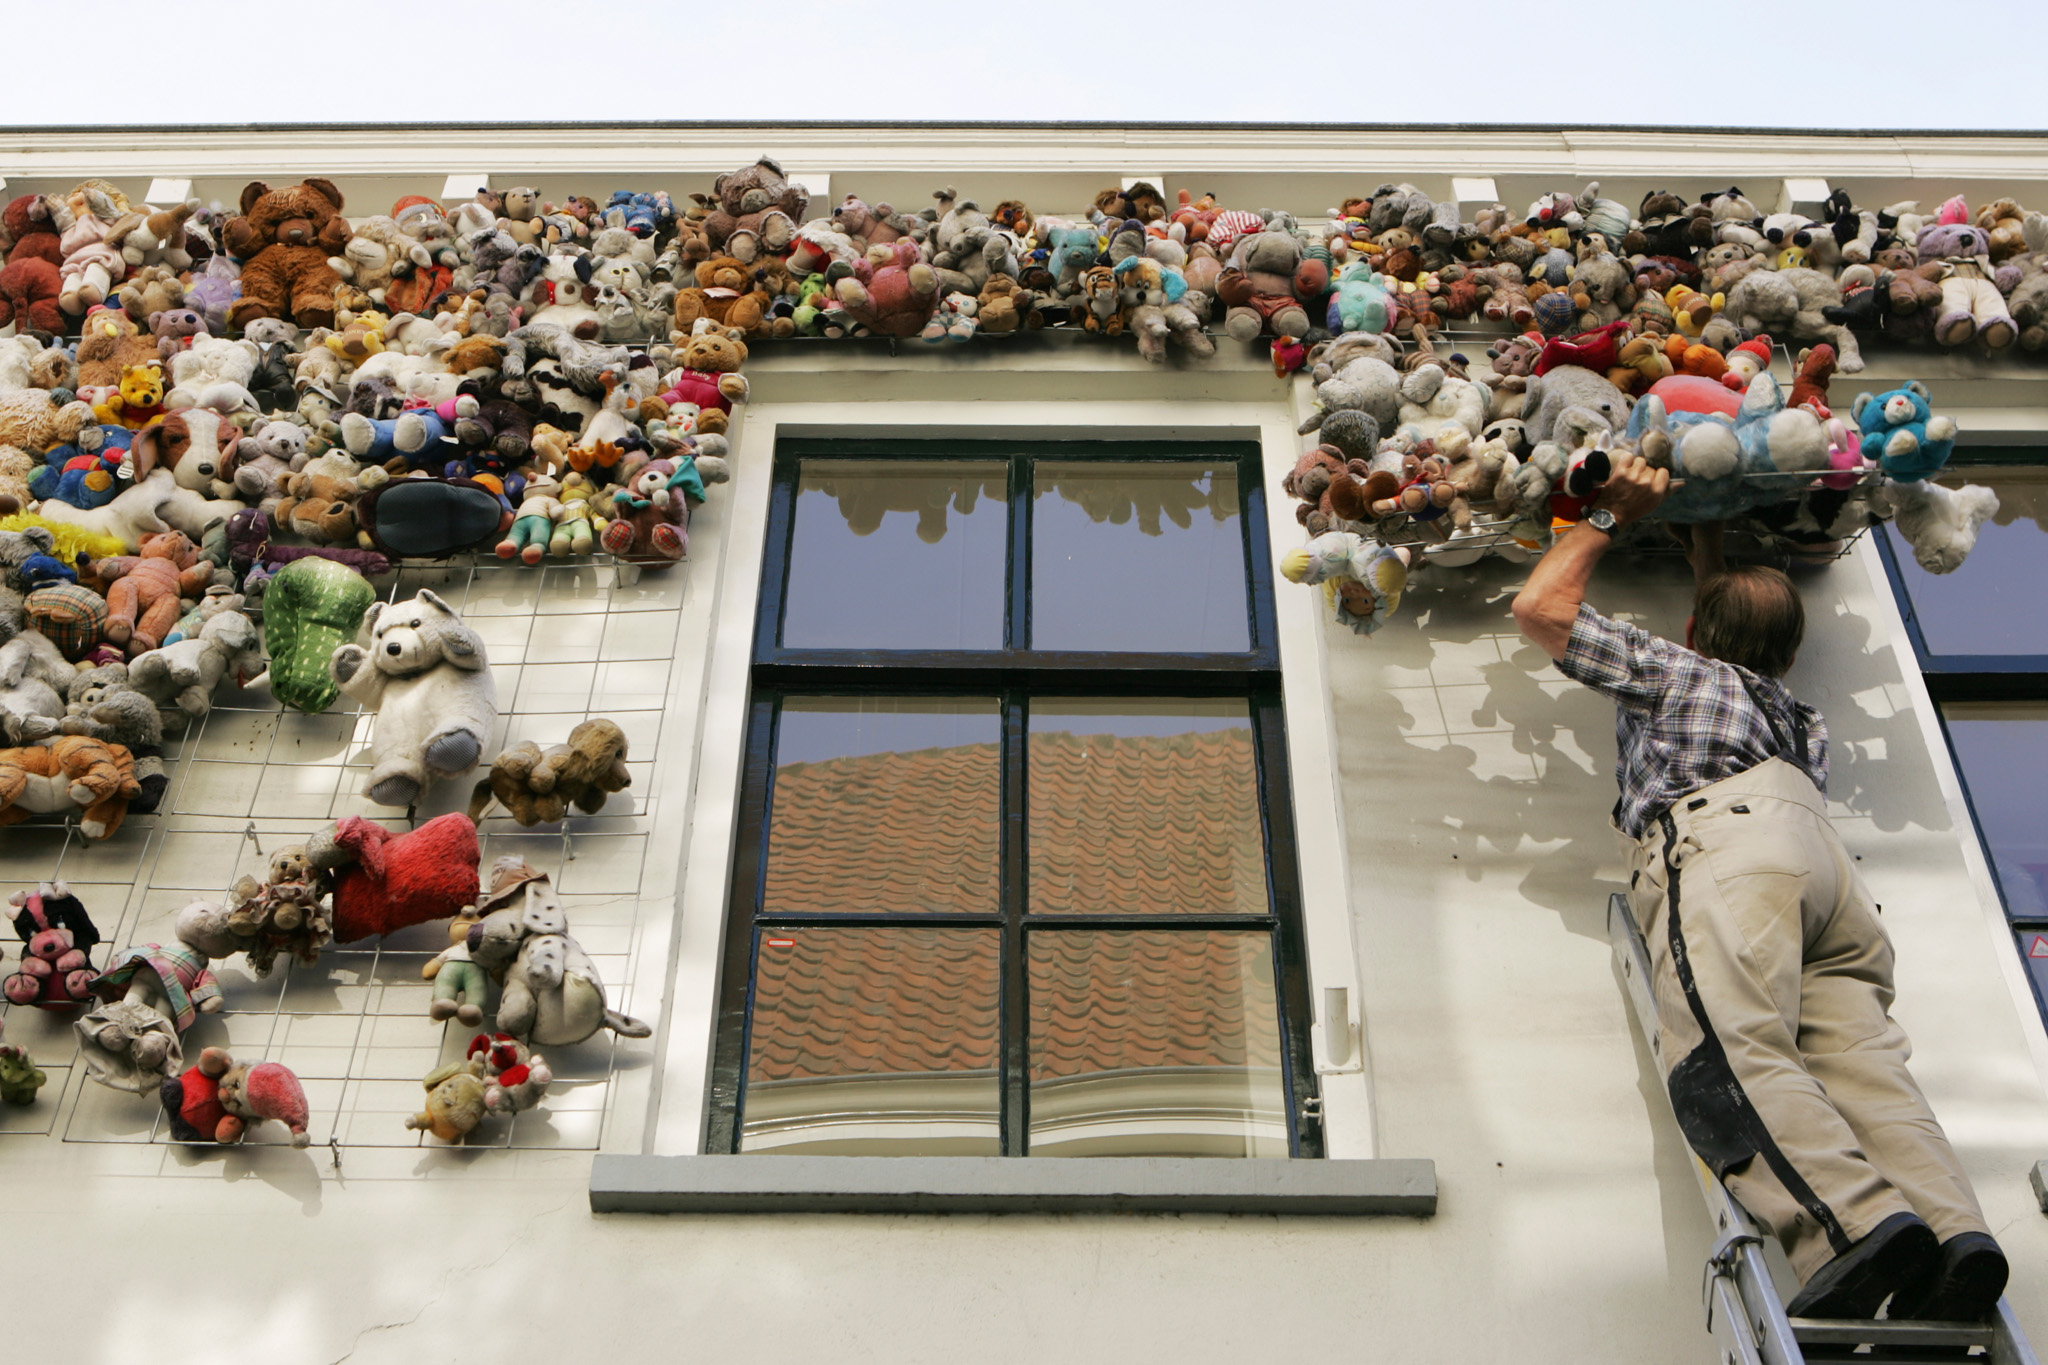 2005 18 juli, Zutphen Een medewerker van bouwbedrijf Peters haalt de knuffels van de muur van de Bornhovestraat 31, de verhuurder Hanzewonen kon geen nieuwe huurder vinden met alle knuffels aan de wand en zo verdween dit zachte kunstwerk uit het Zutphense straatbeeld.